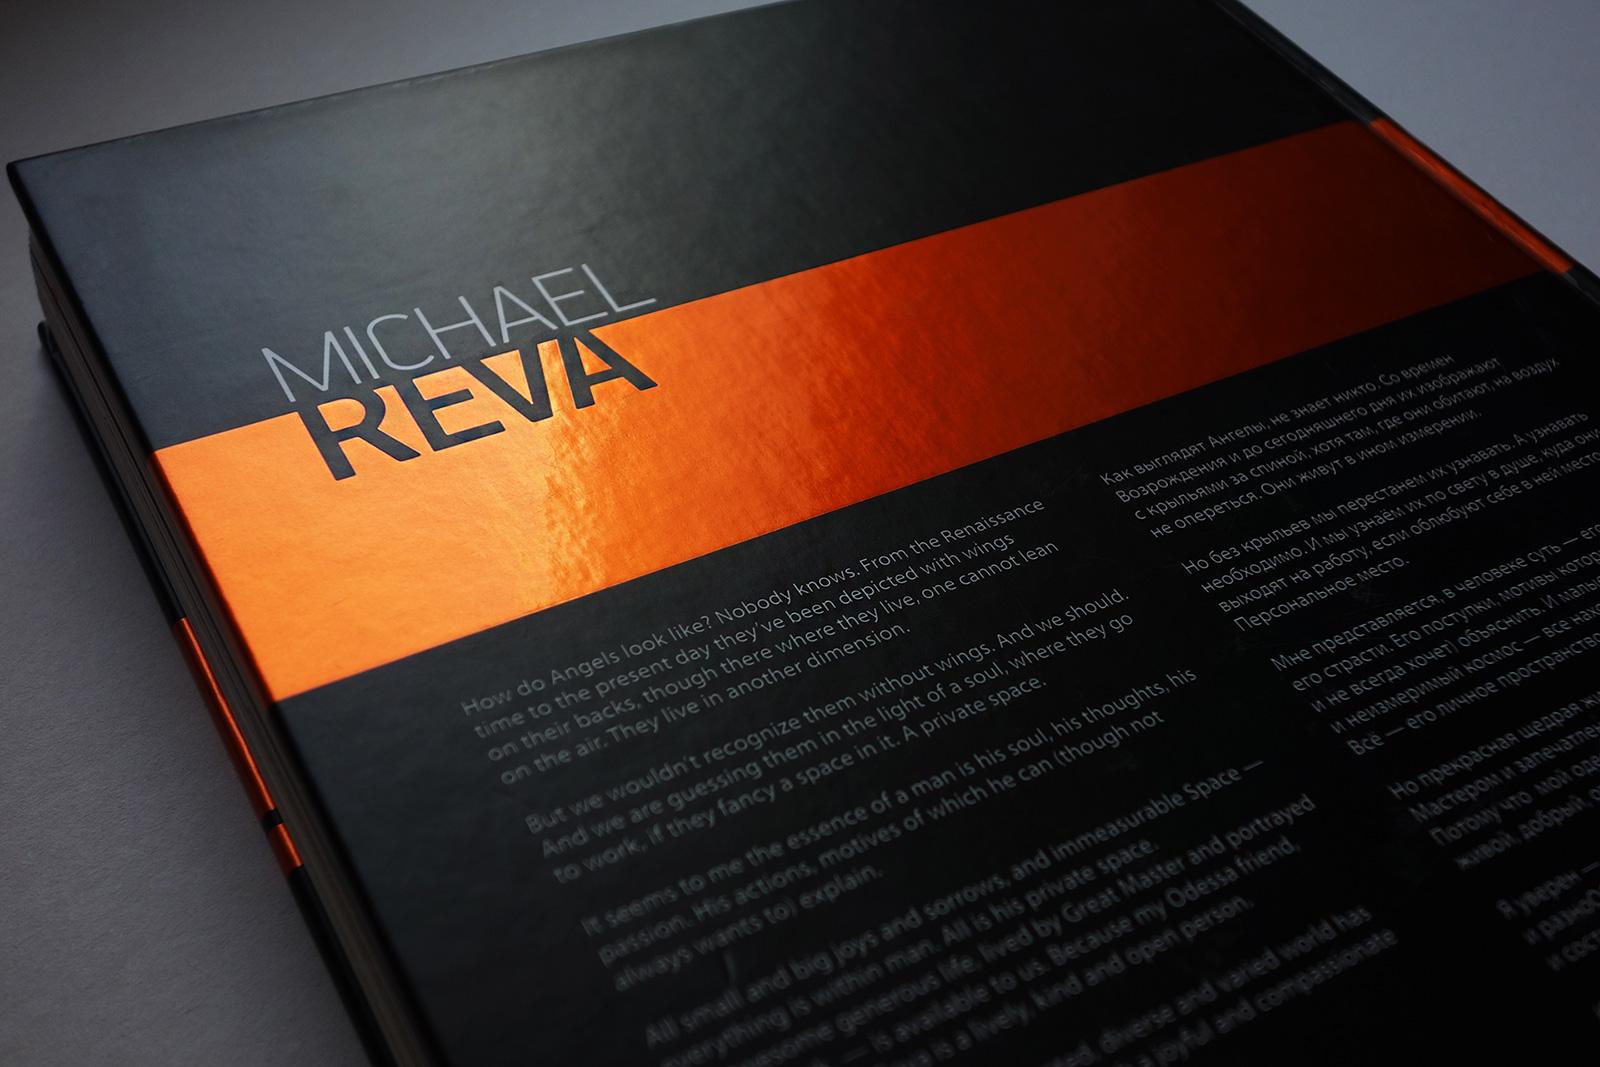 Asgard Branding, юбилейный альбом, дизайн обложки альбома, печатные издания, дизайн книги, Михаил Рева